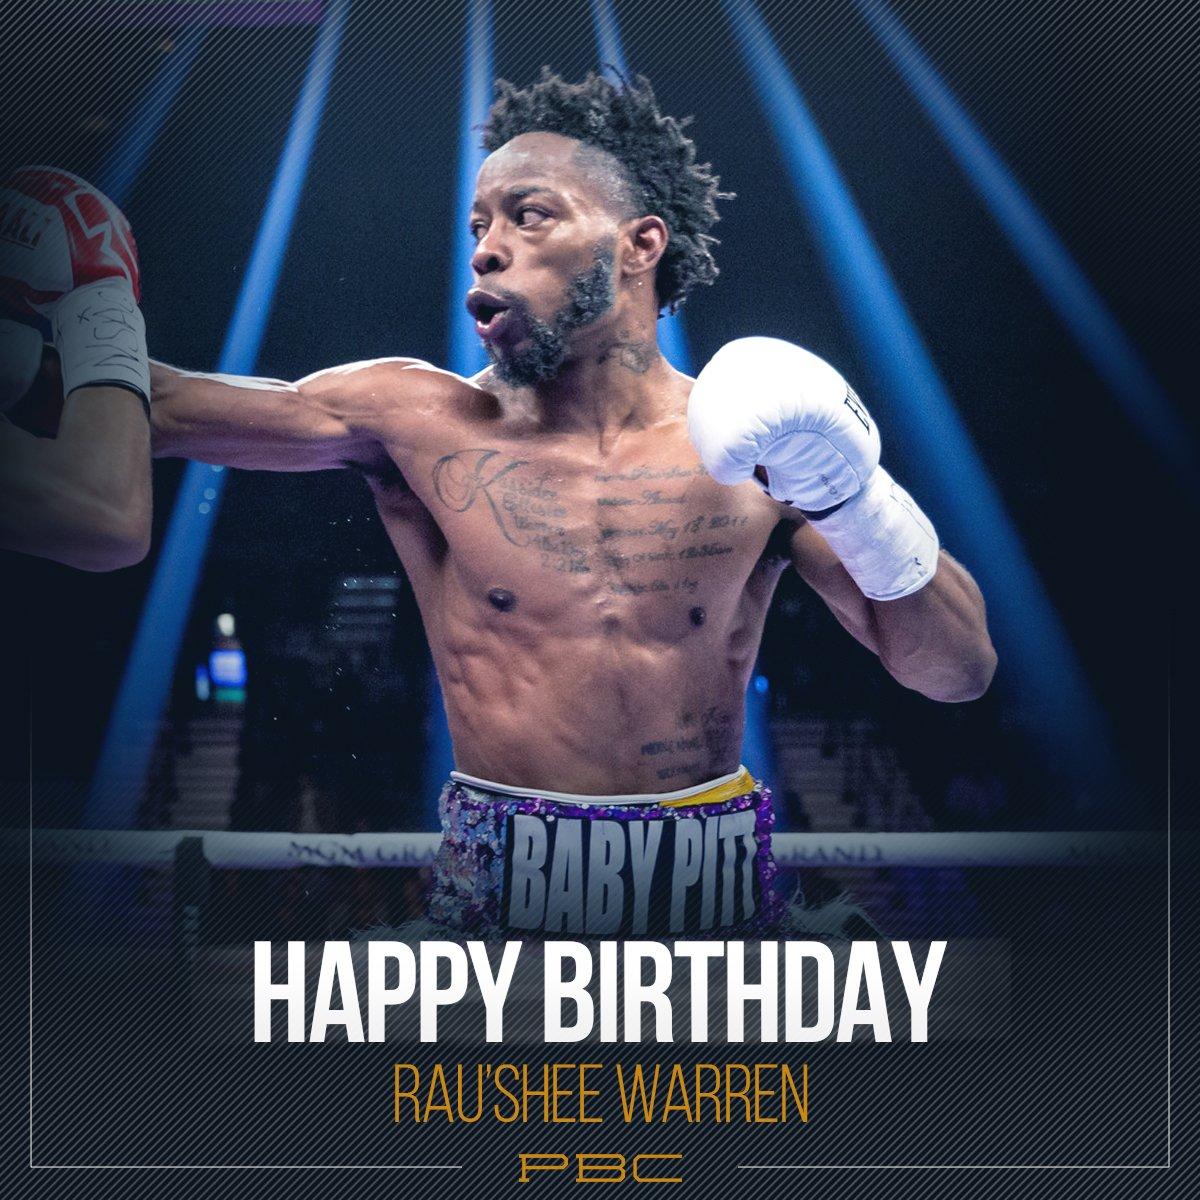 LIKE & RETWEET to wish former world bantamweight champion @RauSheeWarren a Happy Birthday! #TeamWarren #PBCBirthdays